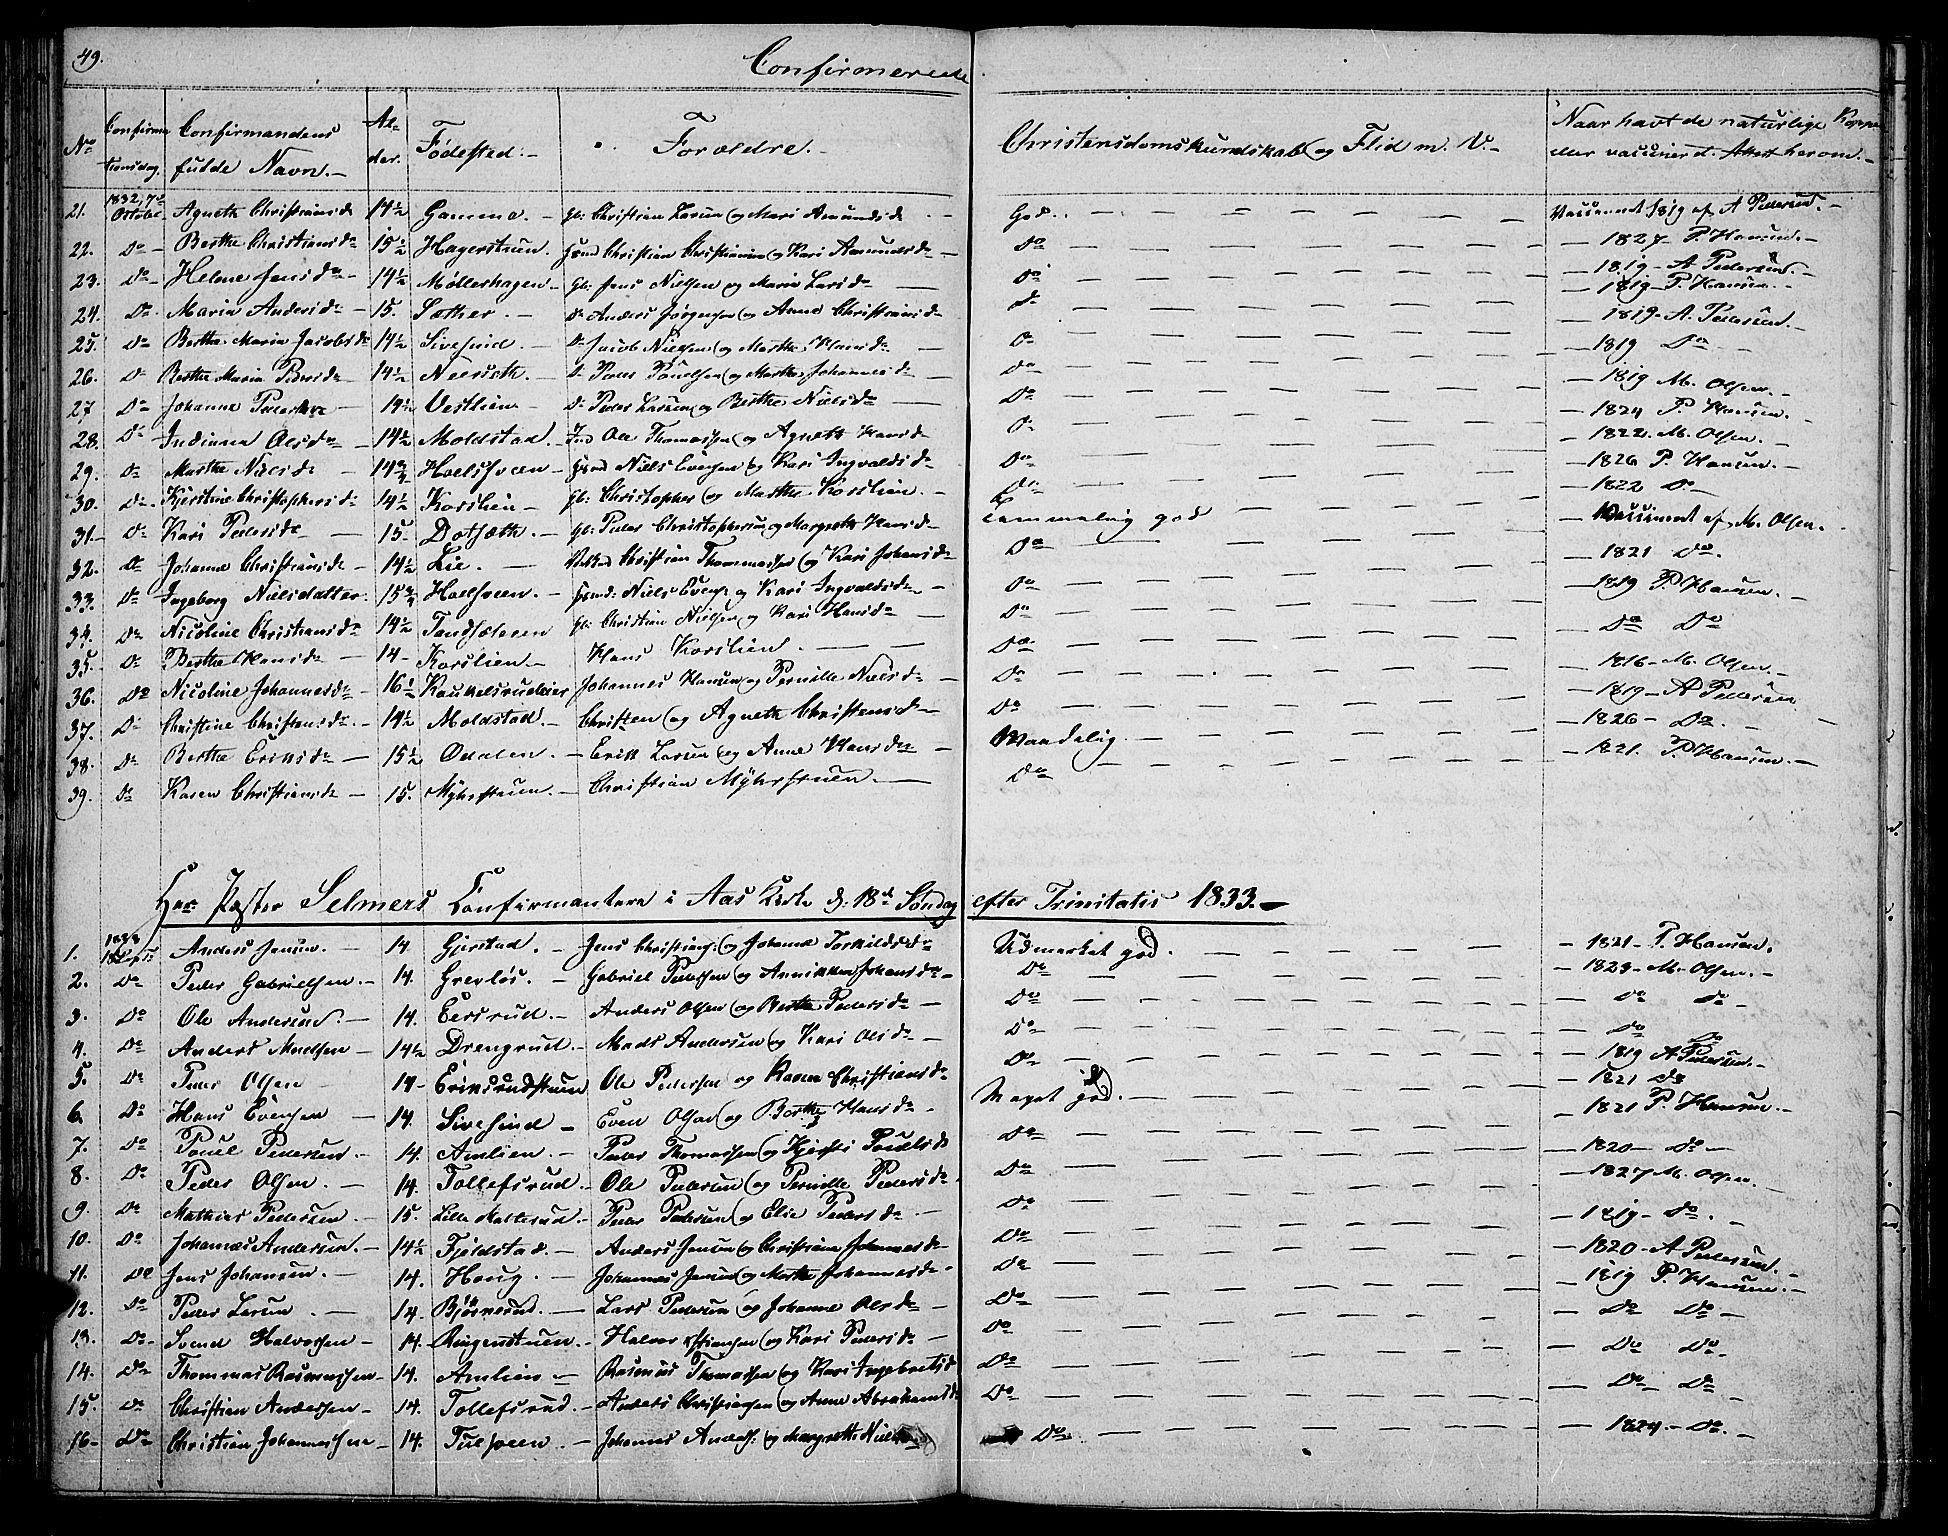 SAH, Vestre Toten prestekontor, Klokkerbok nr. 1, 1830-1836, s. 49